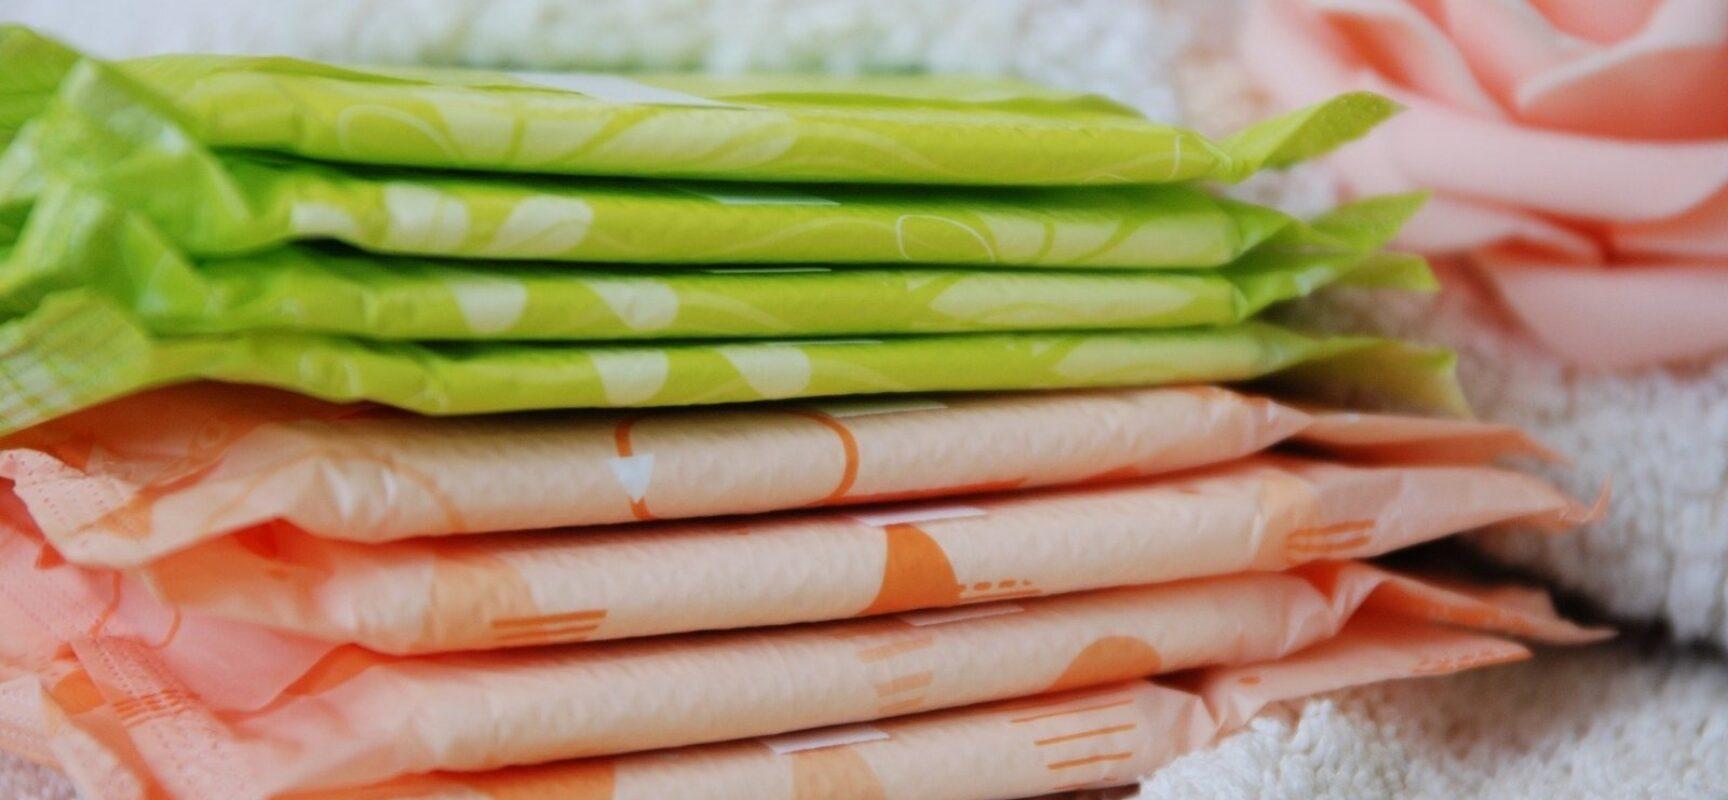 Senado aprova distribuição gratuita de absorventes a estudantes